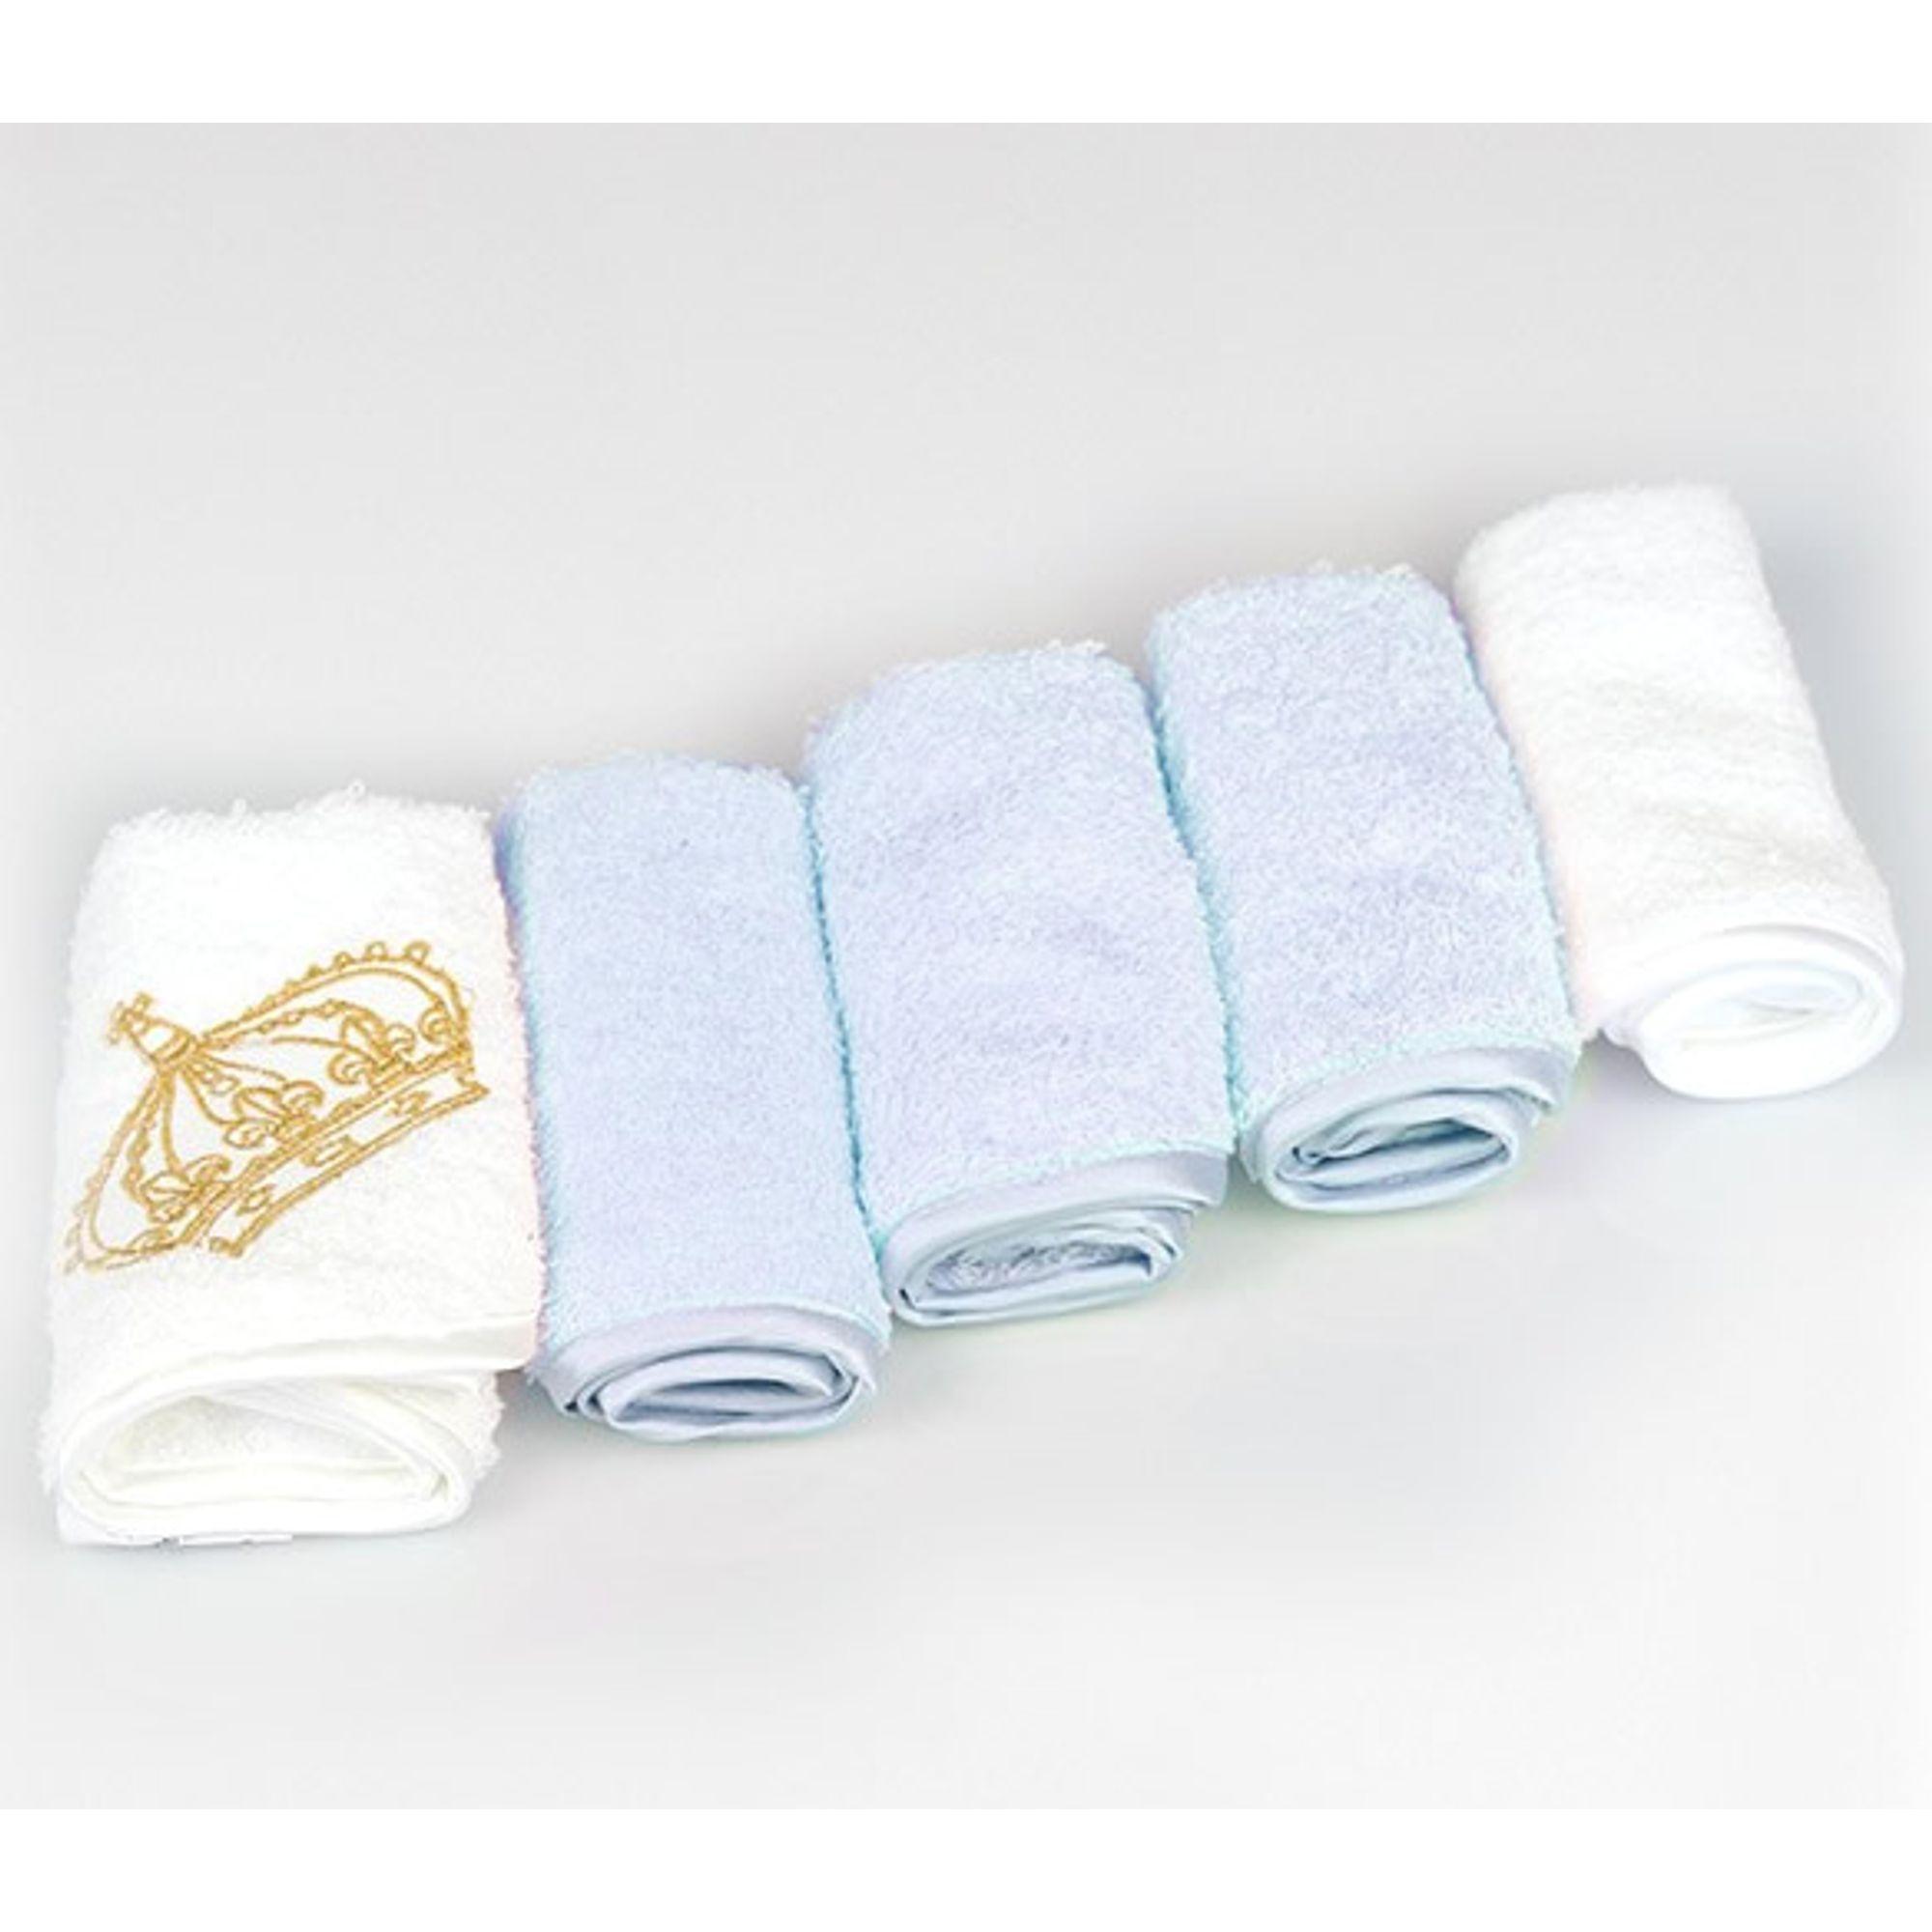 kit-bebe-5-toalhinhas-principe-azul-zip-toys